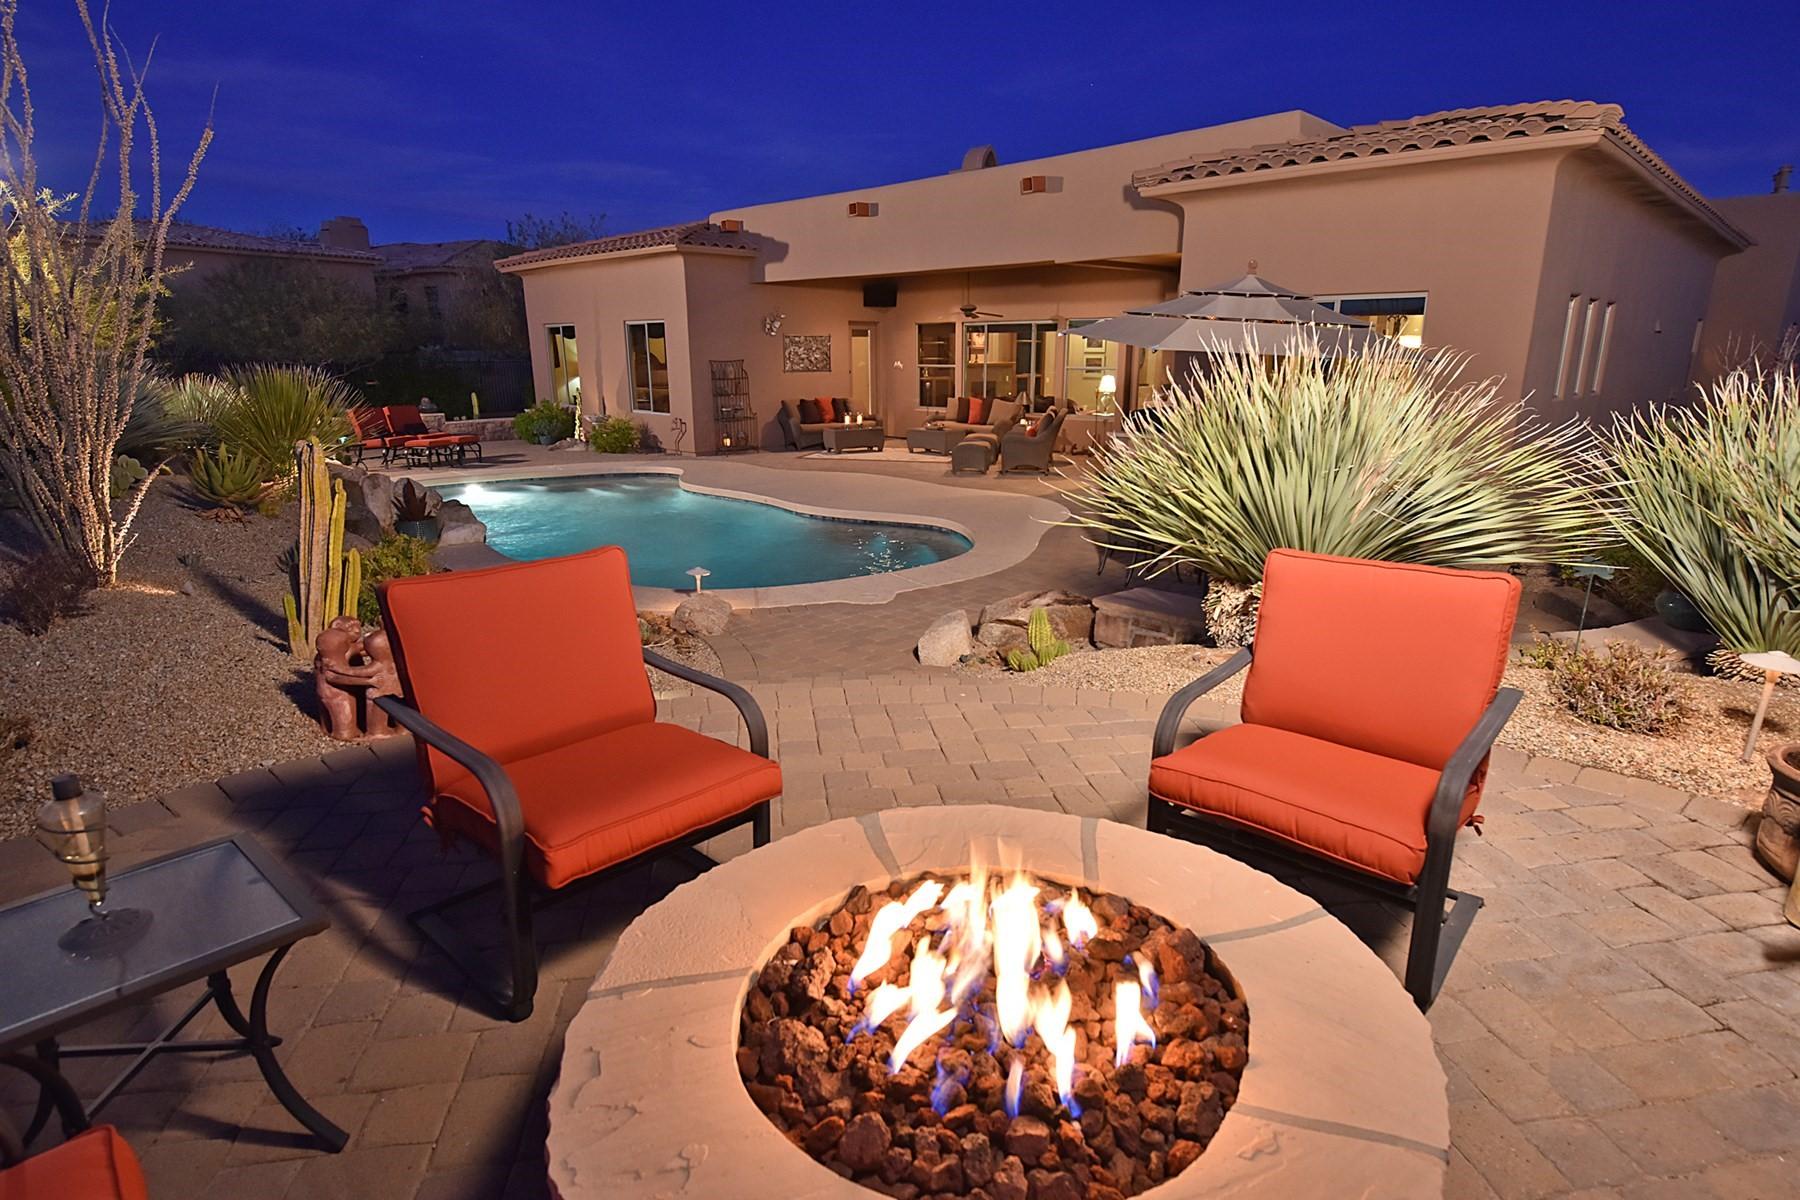 一戸建て のために 売買 アット Soft territorial Boulder Heights home with beautiful views 36458 N Boulder View Dr Scottsdale, アリゾナ, 85262 アメリカ合衆国